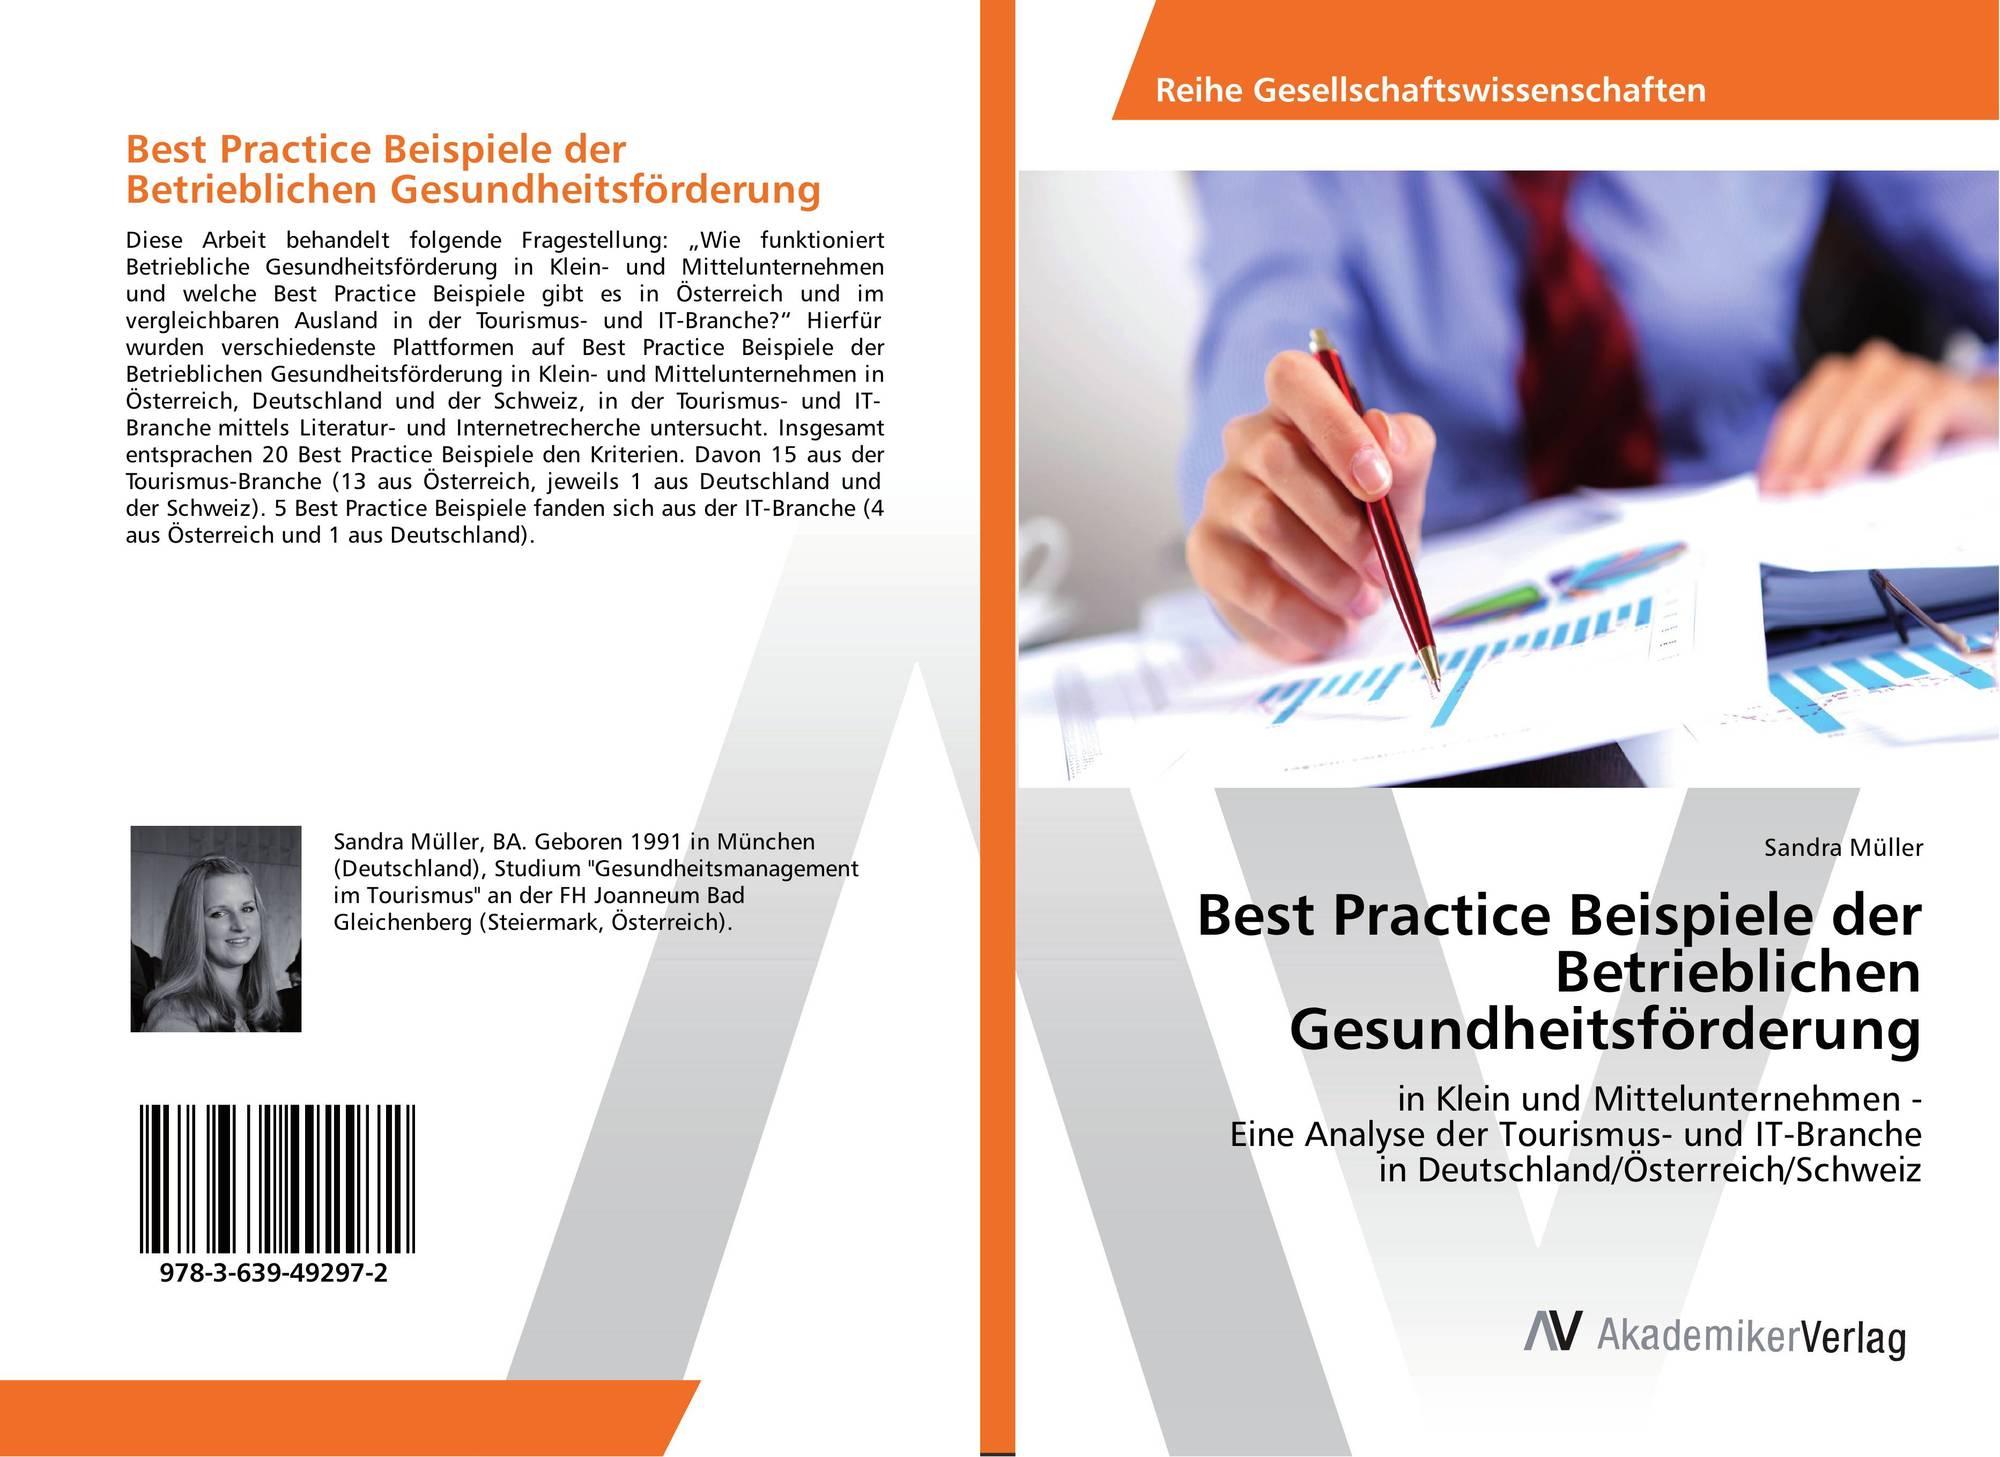 beispiele der betrieblichen gesundheitsfrderung 9783639492972 - Betriebliche Gesundheitsforderung Beispiele